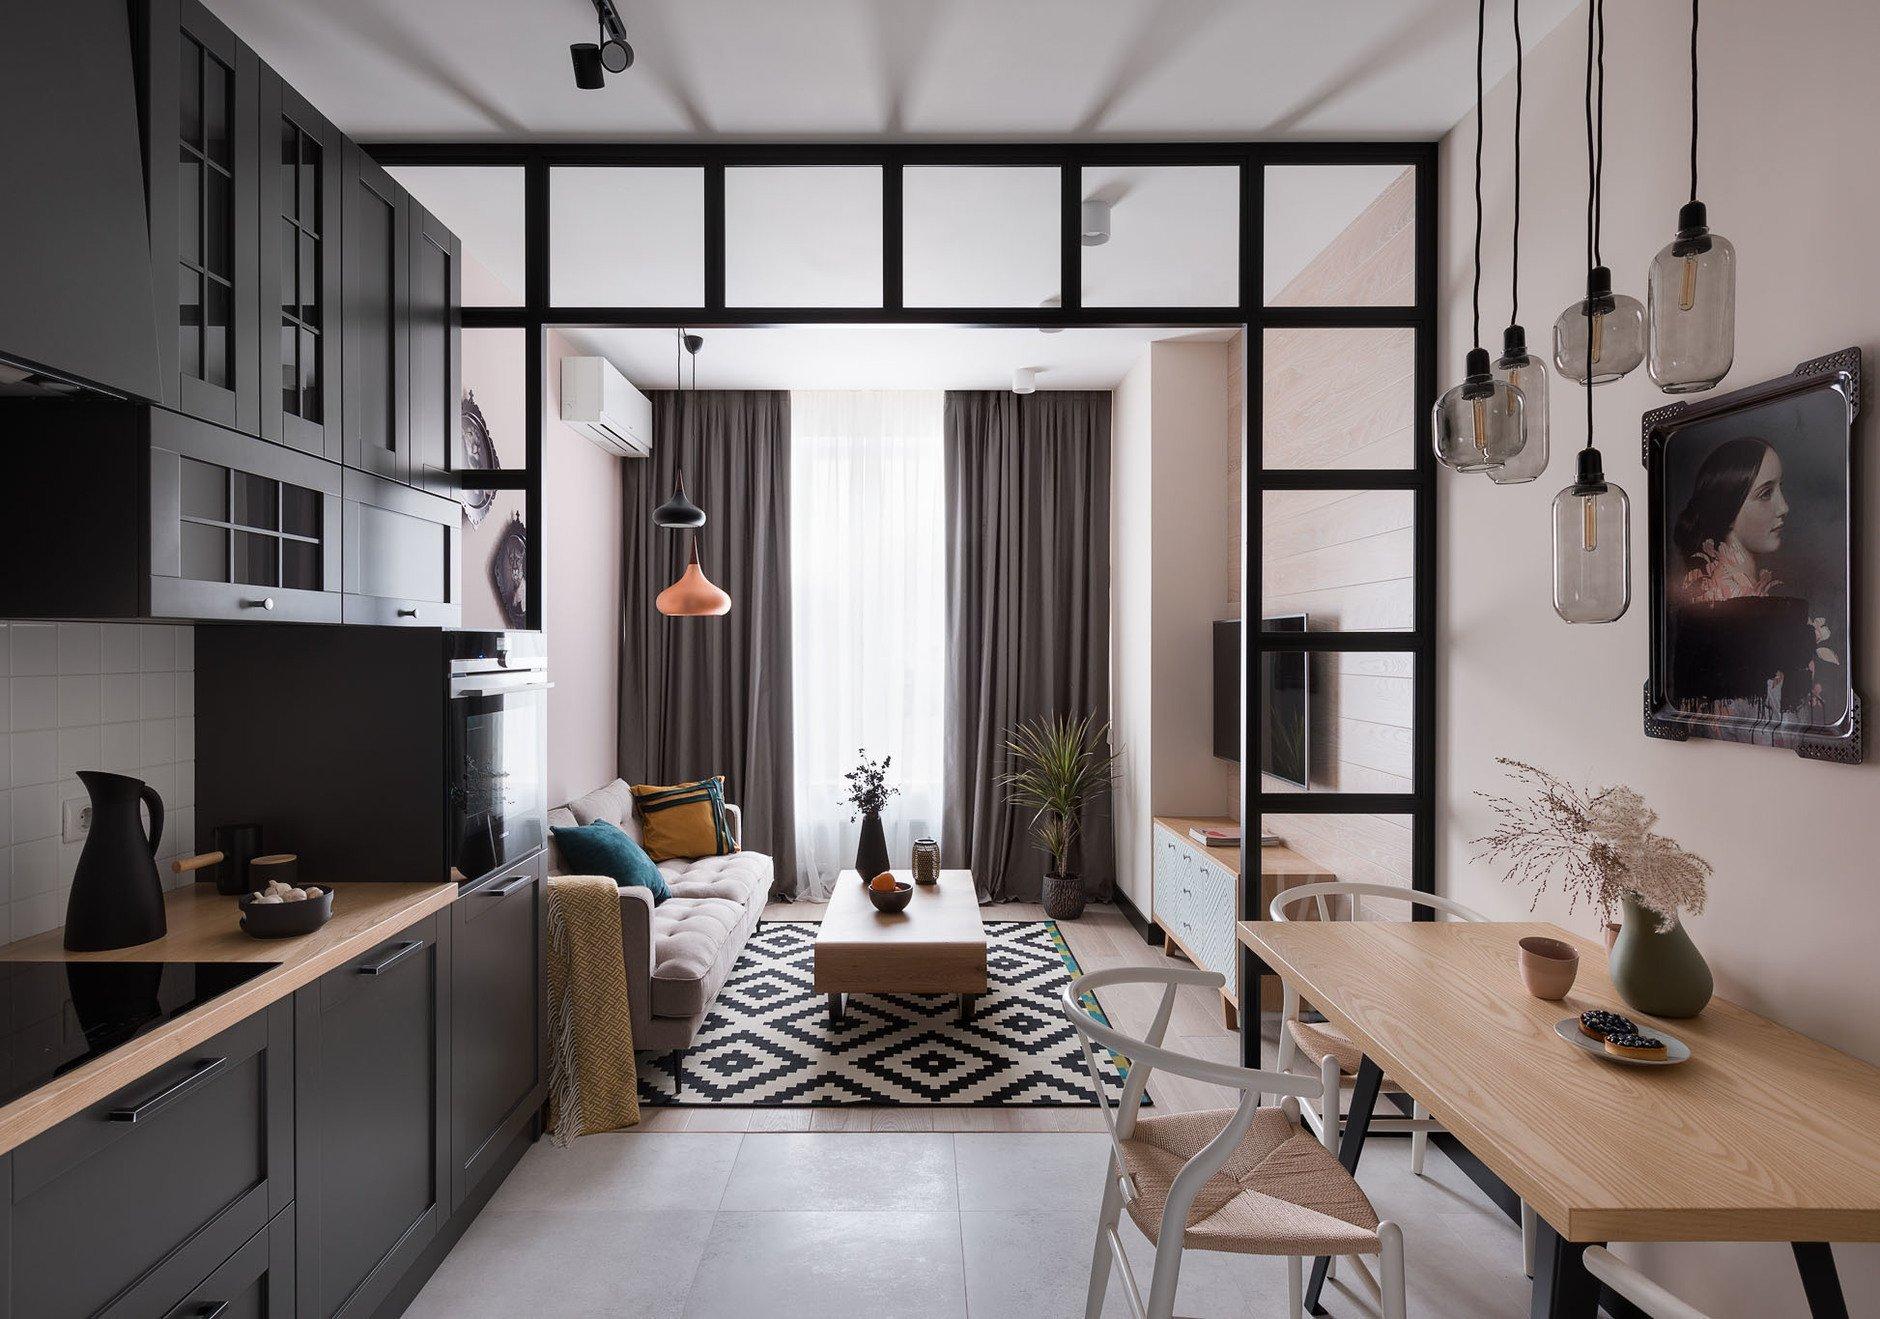 I v malém prostoru si můžete zařídit dokonalou hygge atmosféru, s minimem nábytku a doplňků. Příkladem důmyslného řešení může být tento byt o rozloze 49m², který je řešen efektně a vkusně.